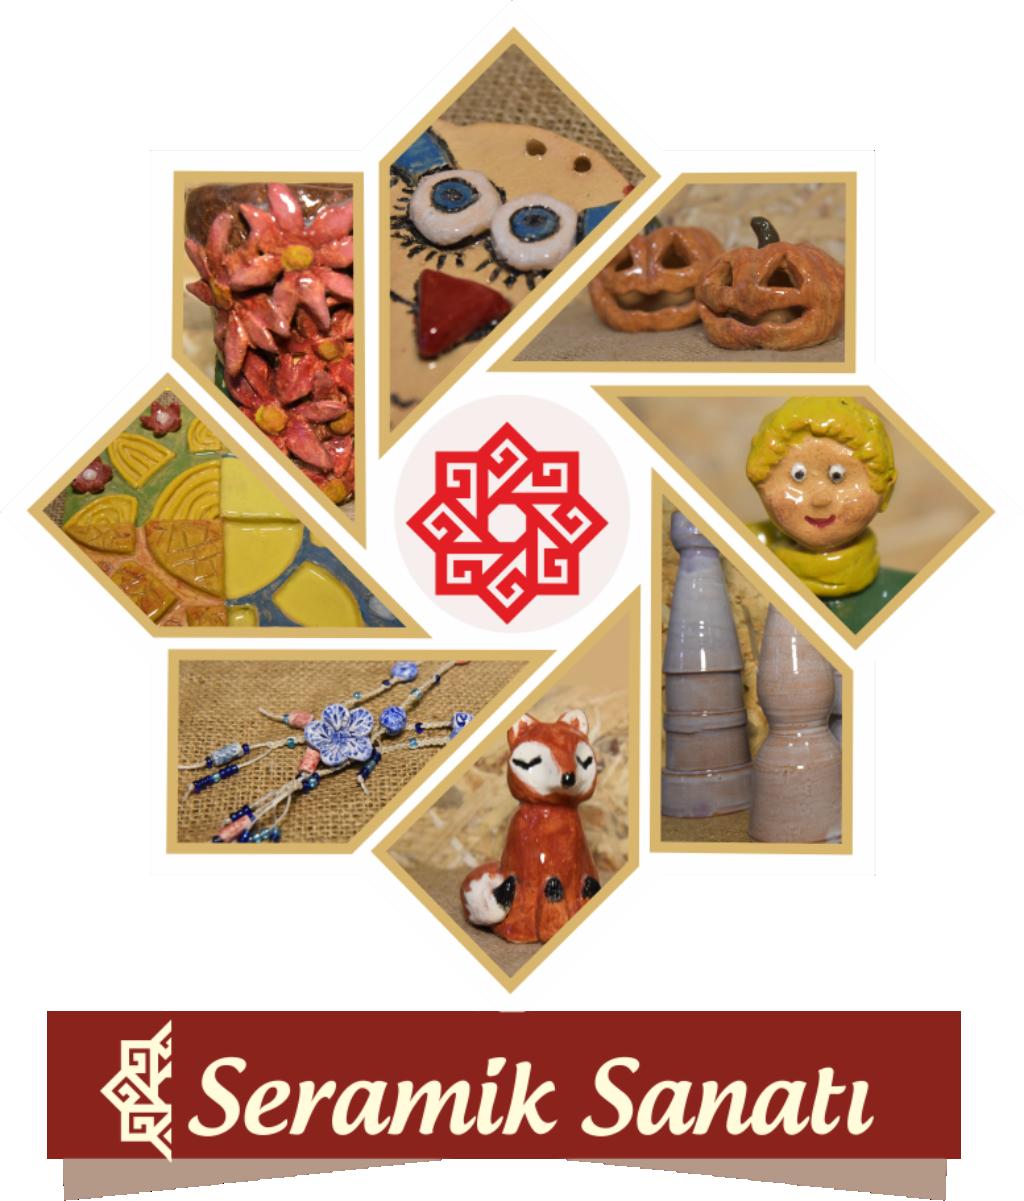 seramik-sanati-logo